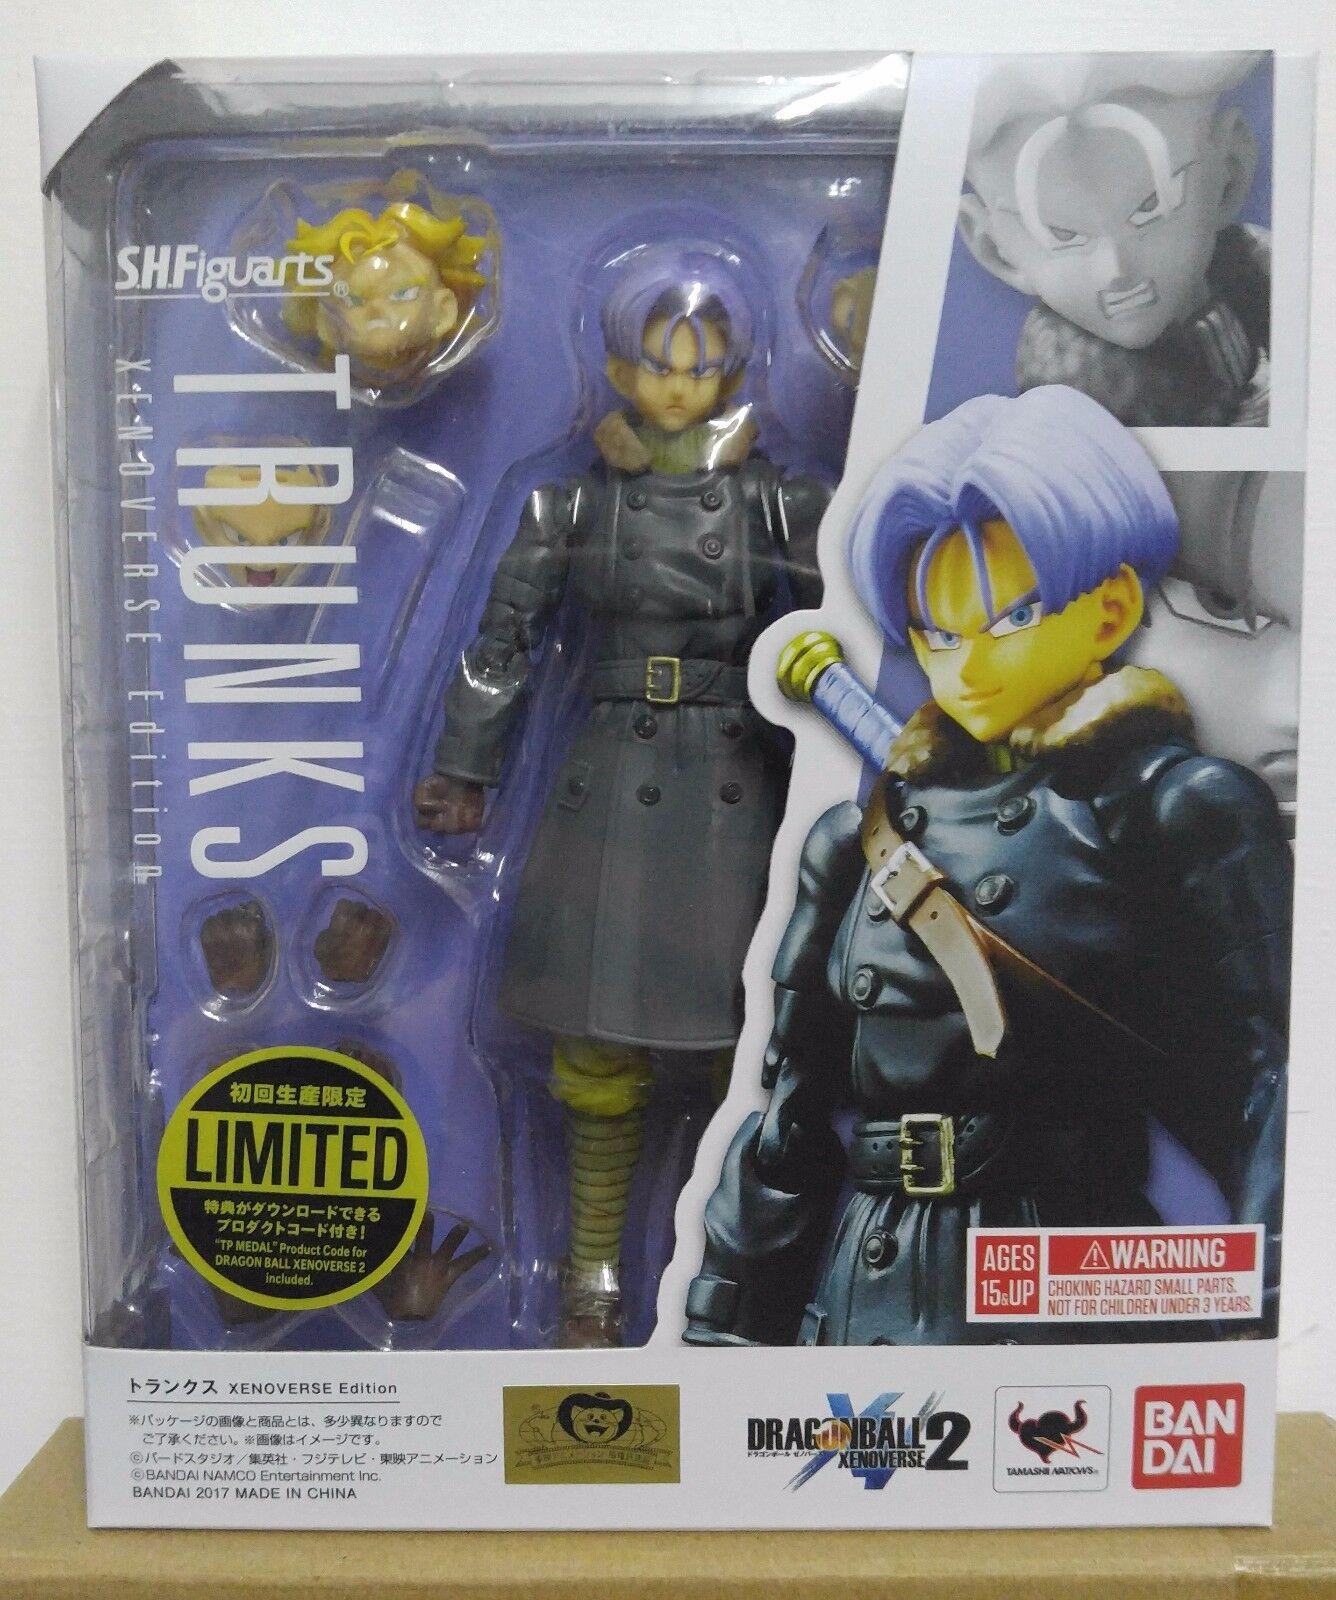 Bandai S.H.Figuarts S.H.Figuarts S.H.Figuarts SHF Dragon Ball Xenoverse Edition Trunks 177a89